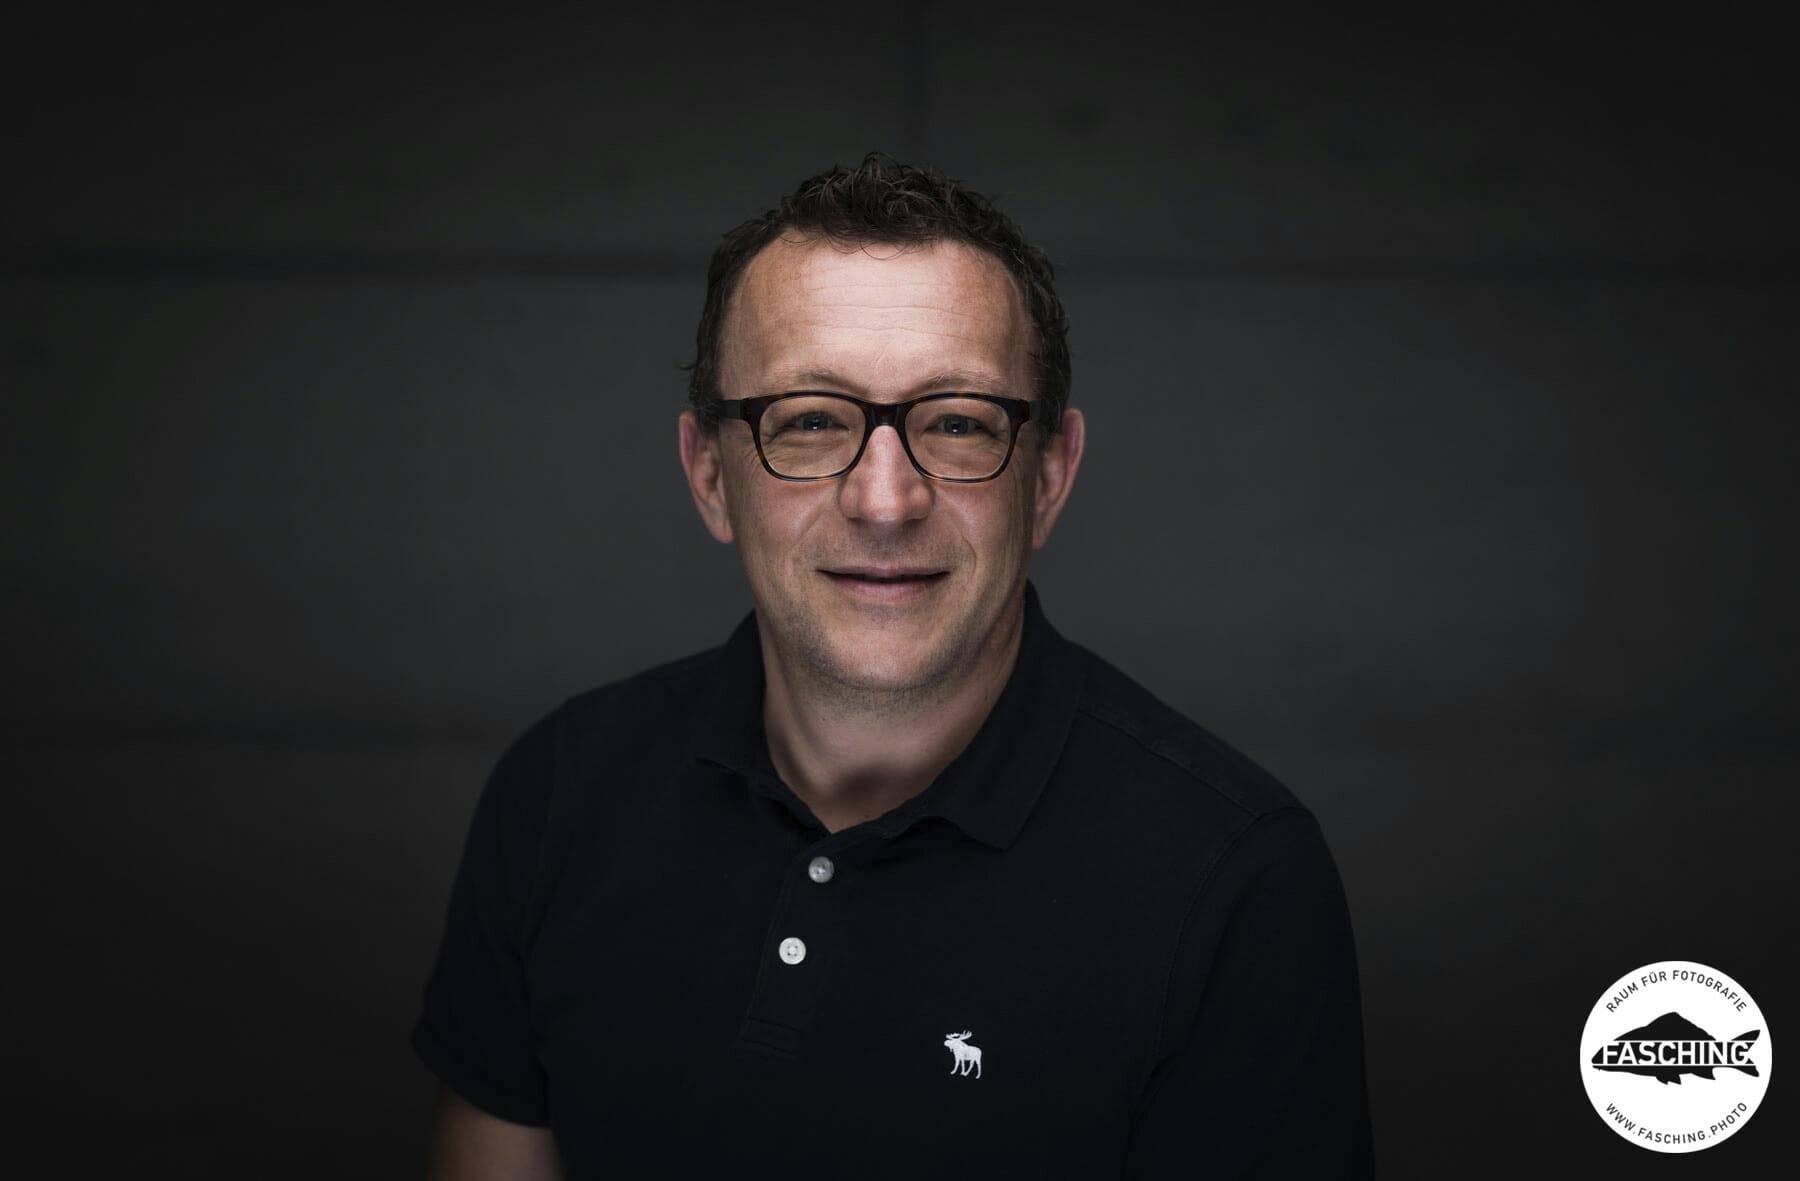 Udo Filzmaier Businessportrait fotografiert von dem vorarlberger Fotograf Luca Fasching für die Vorarlberger Wirtschaftskammer